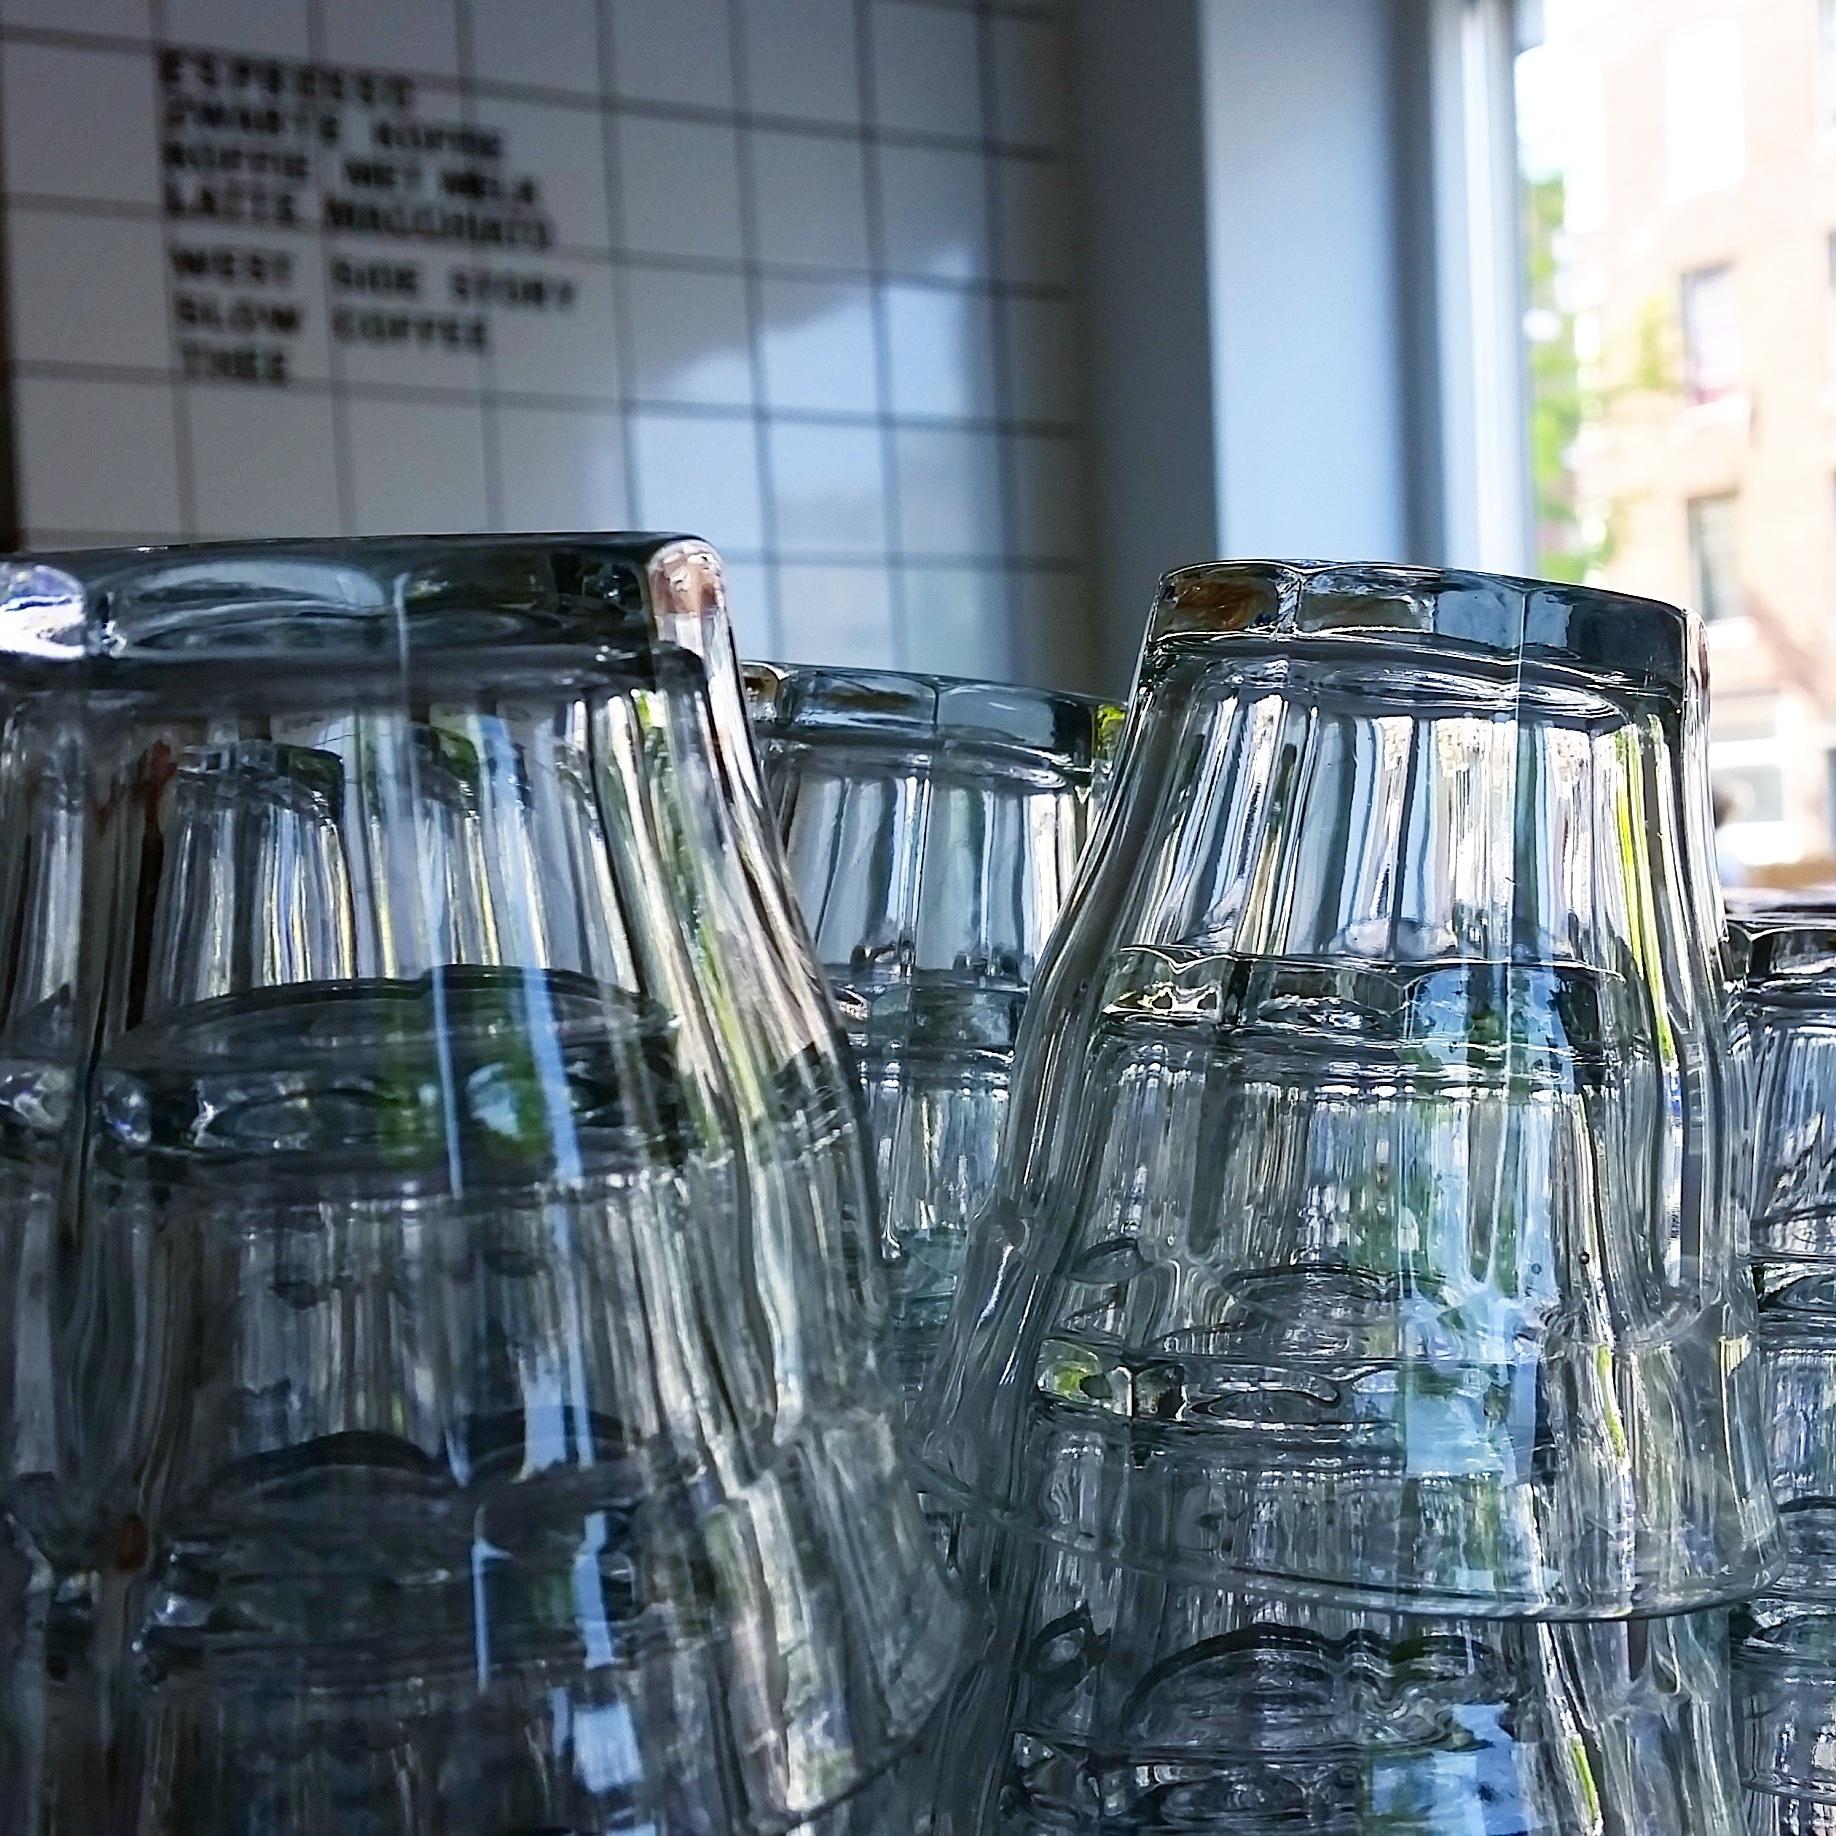 HRBK Heilige Rotterdamse Boontjes Koffie Ookami Meineszplain Rotterdam